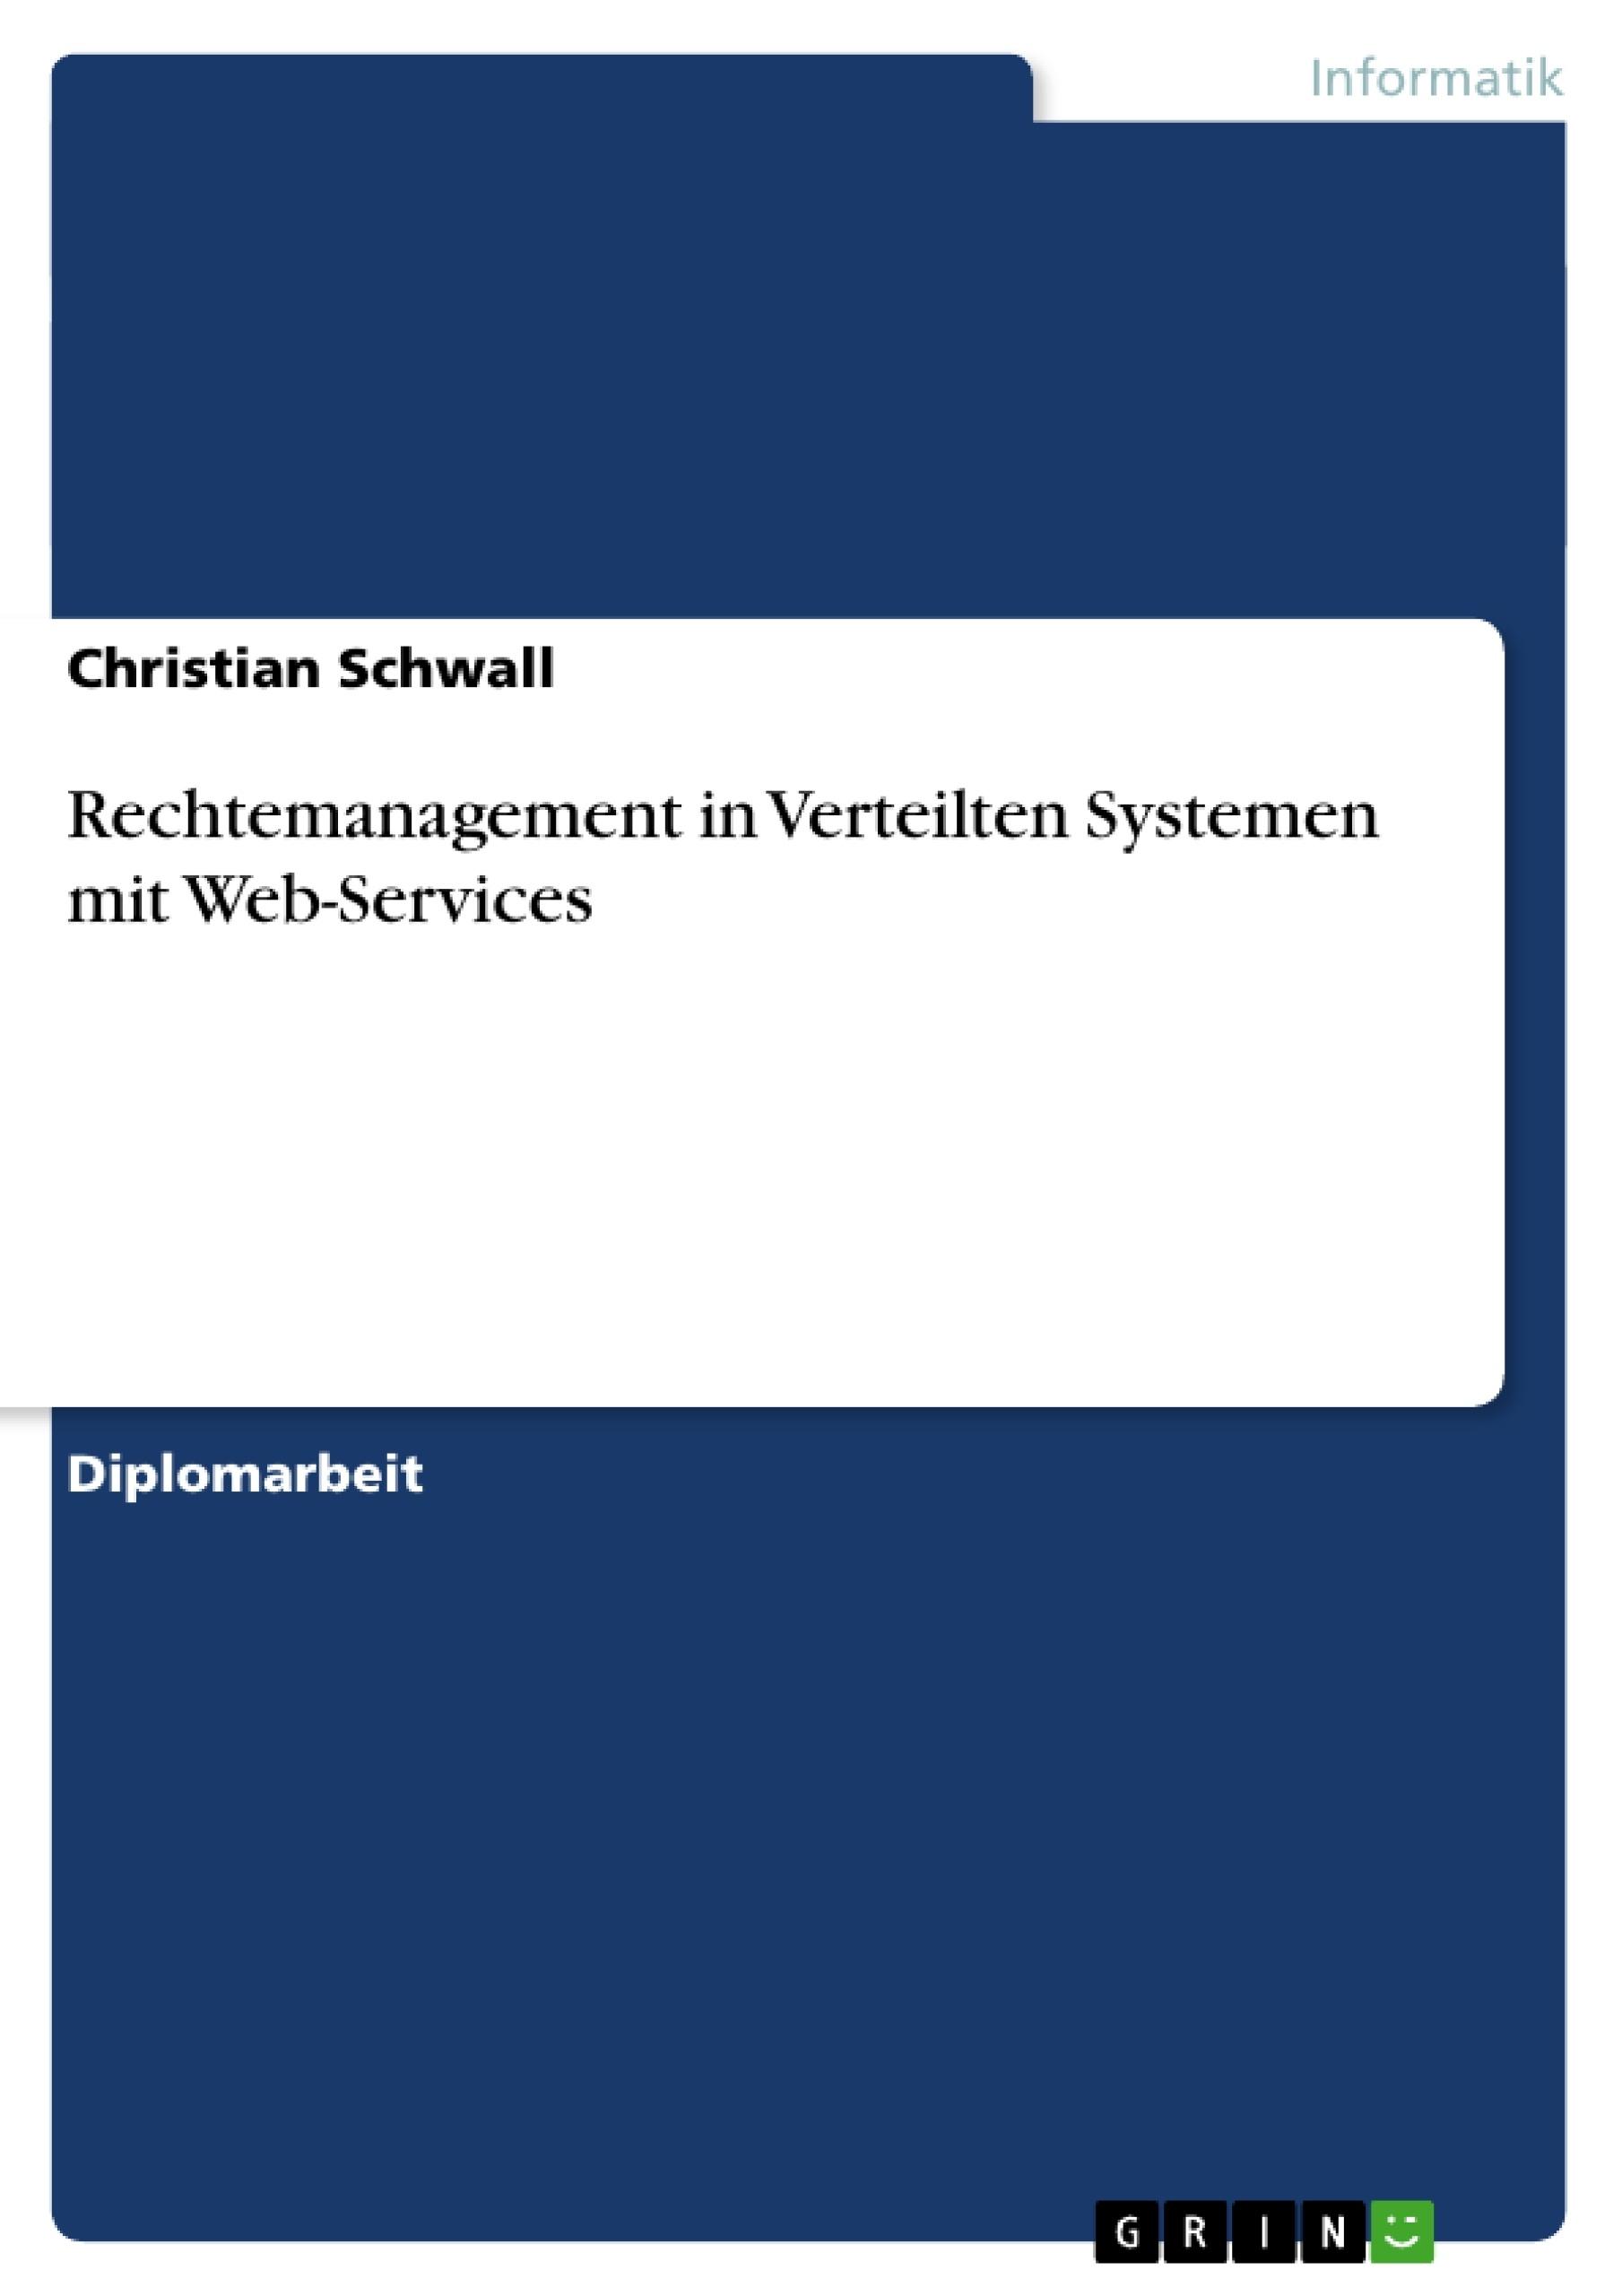 Titel: Rechtemanagement in Verteilten Systemen mit Web-Services